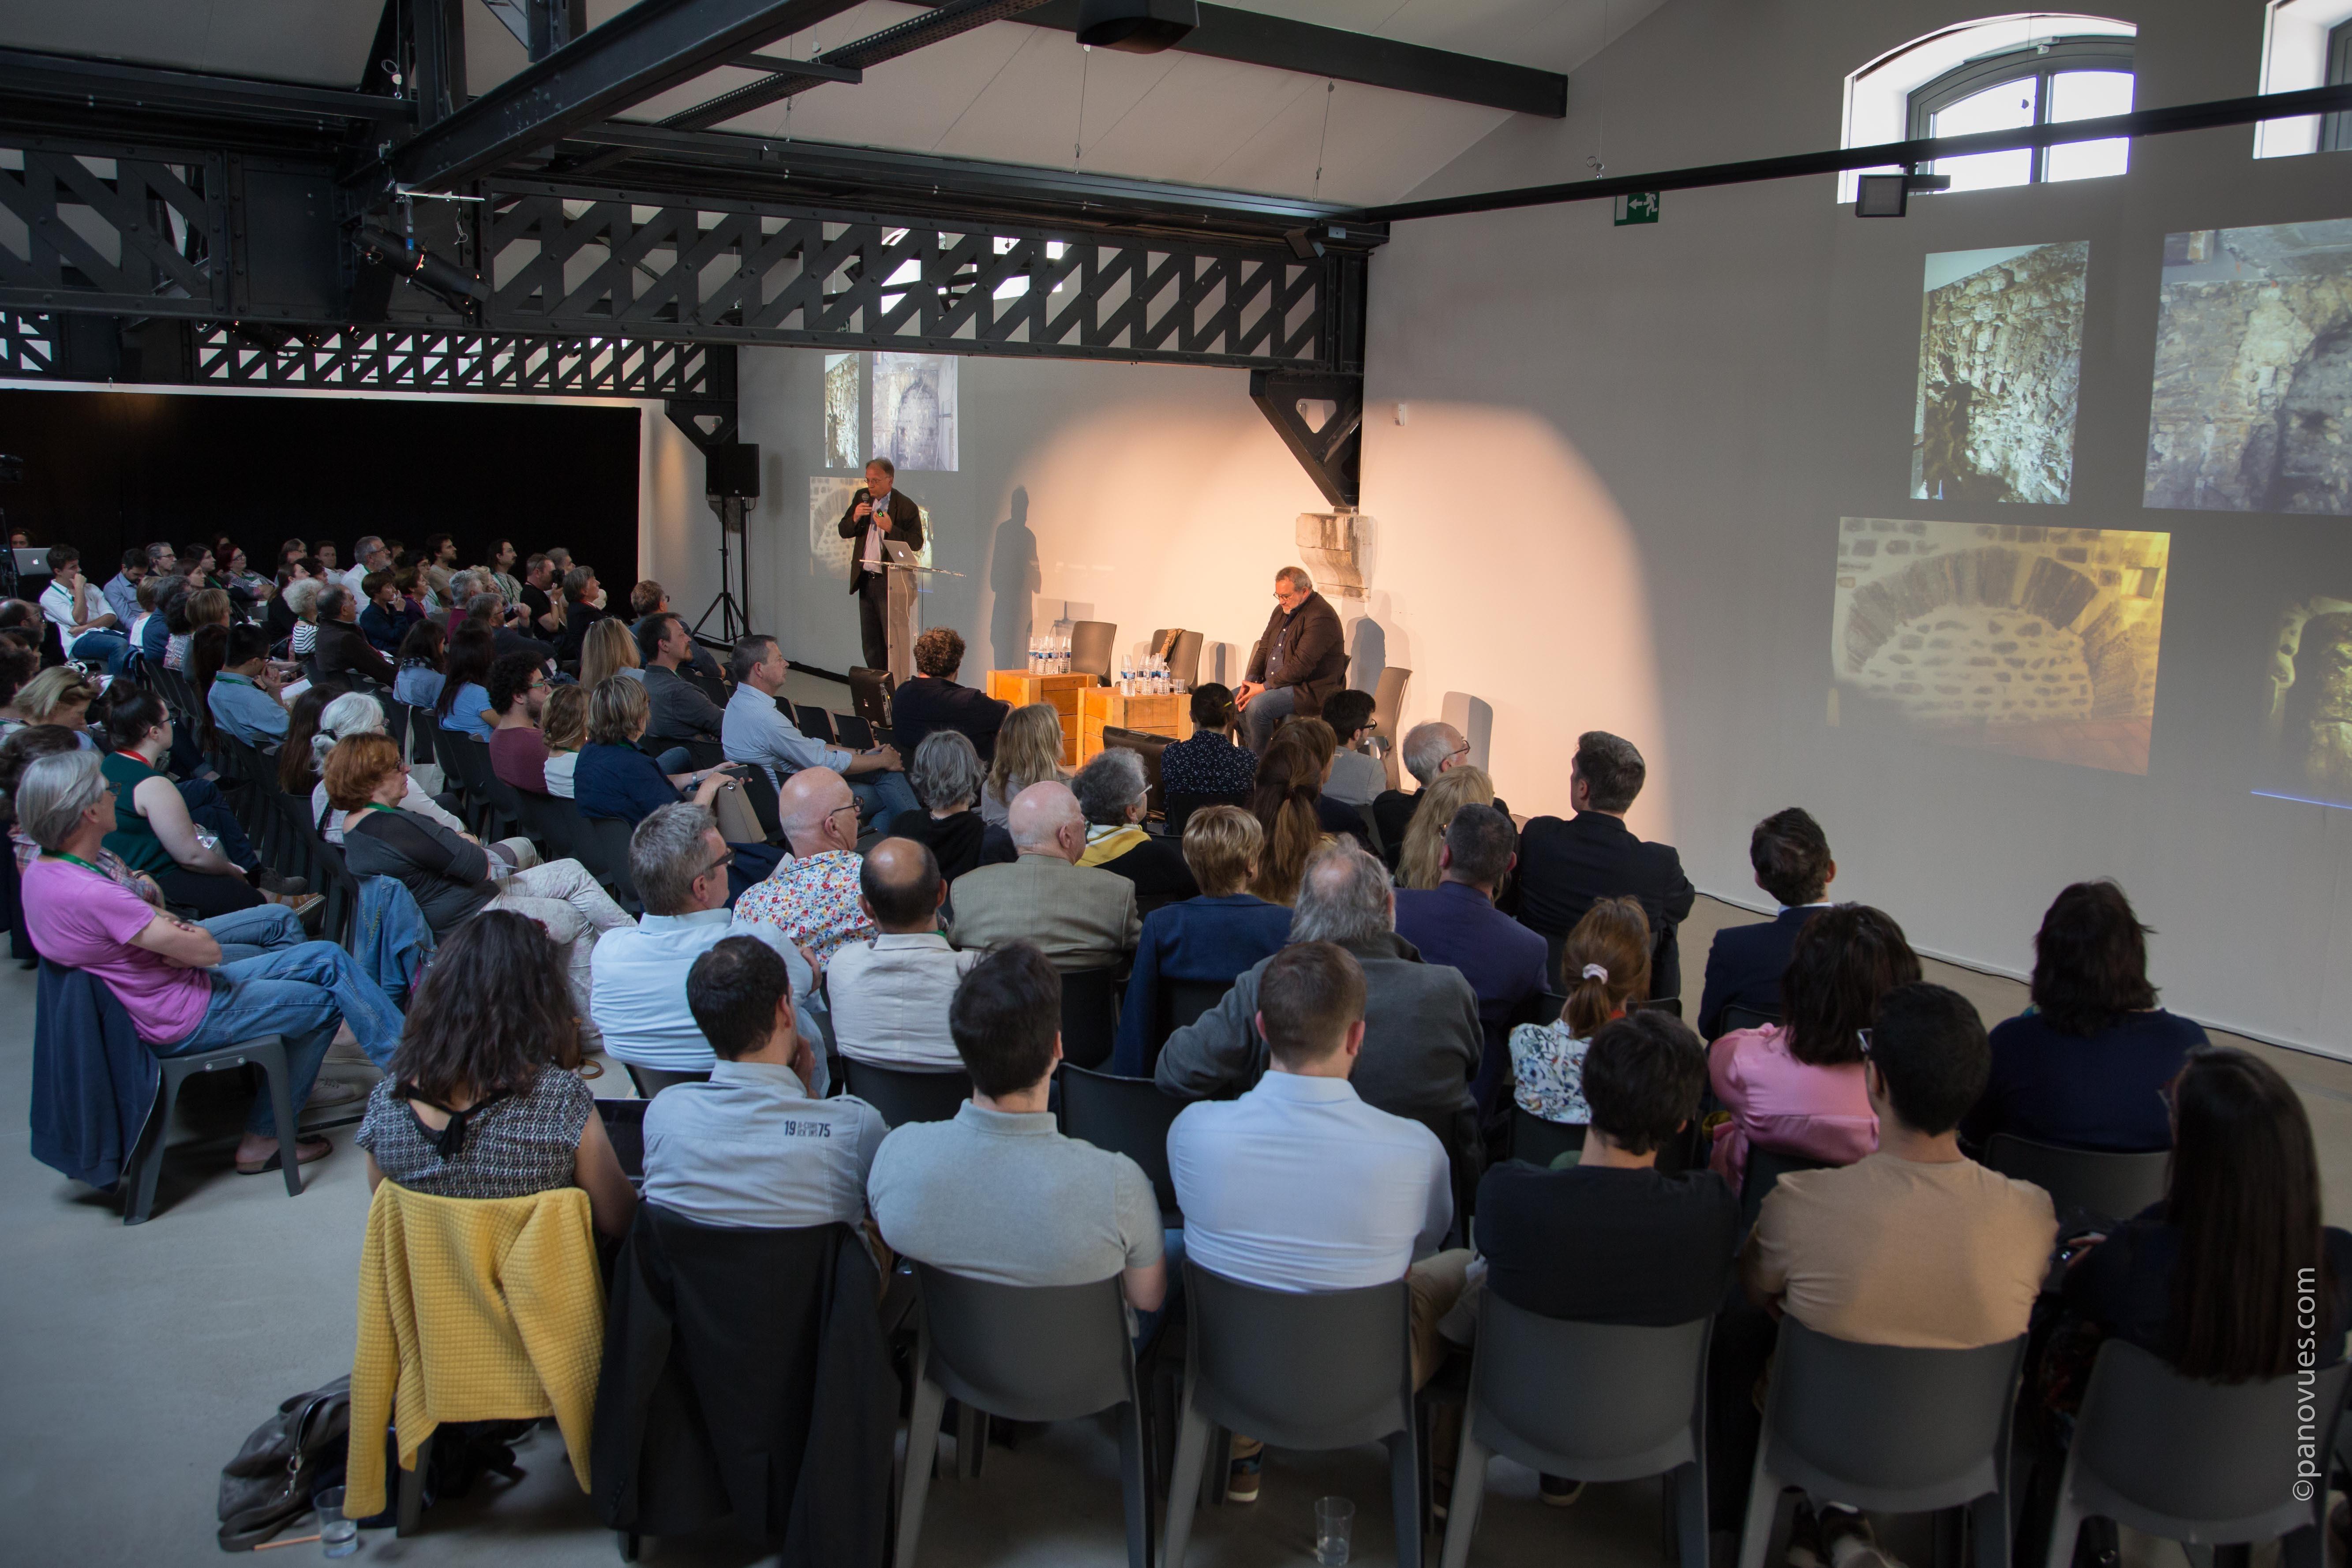 Le SIPPA Hors les Murs #2 offre des moments d'échanges et de partage pour découvrir des innovations, promouvoir des expertises, et débattre de l'évolution des métiers de la culture et des patrimoines.